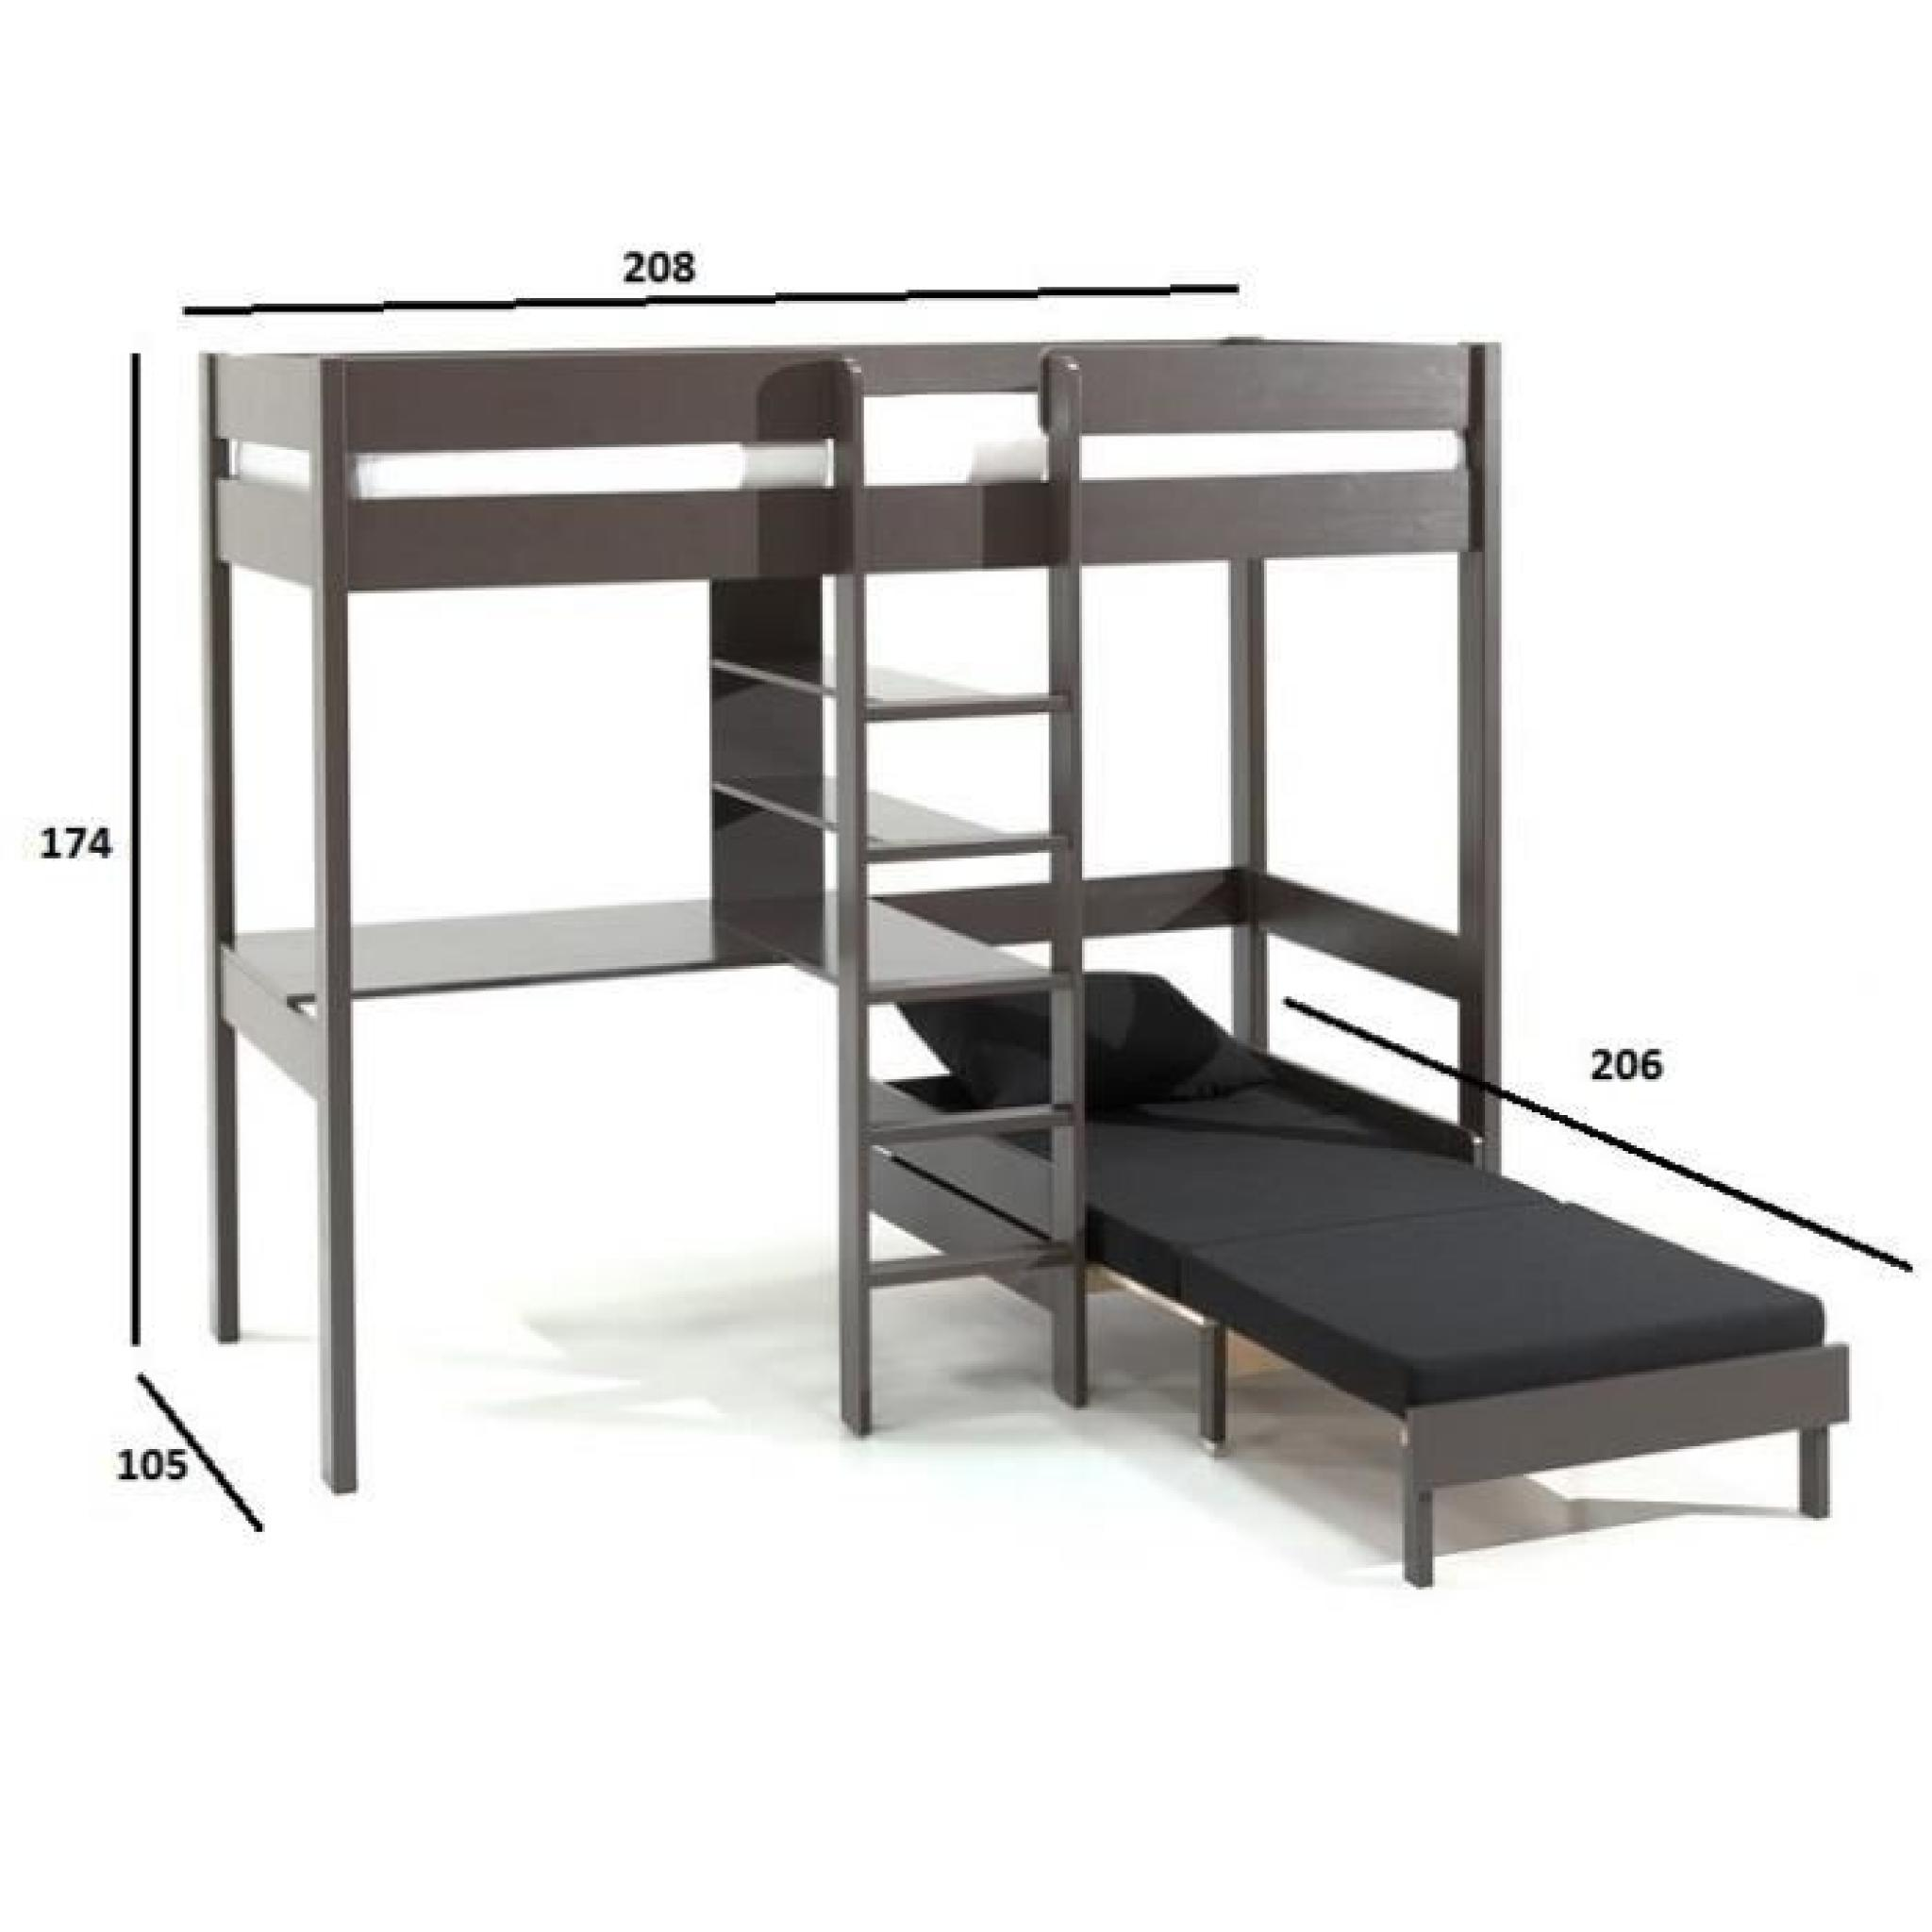 lit mezzanine avec fauteuil pino en pin vernis taupe achat vente lit mezzanine pas cher couleur et design fr